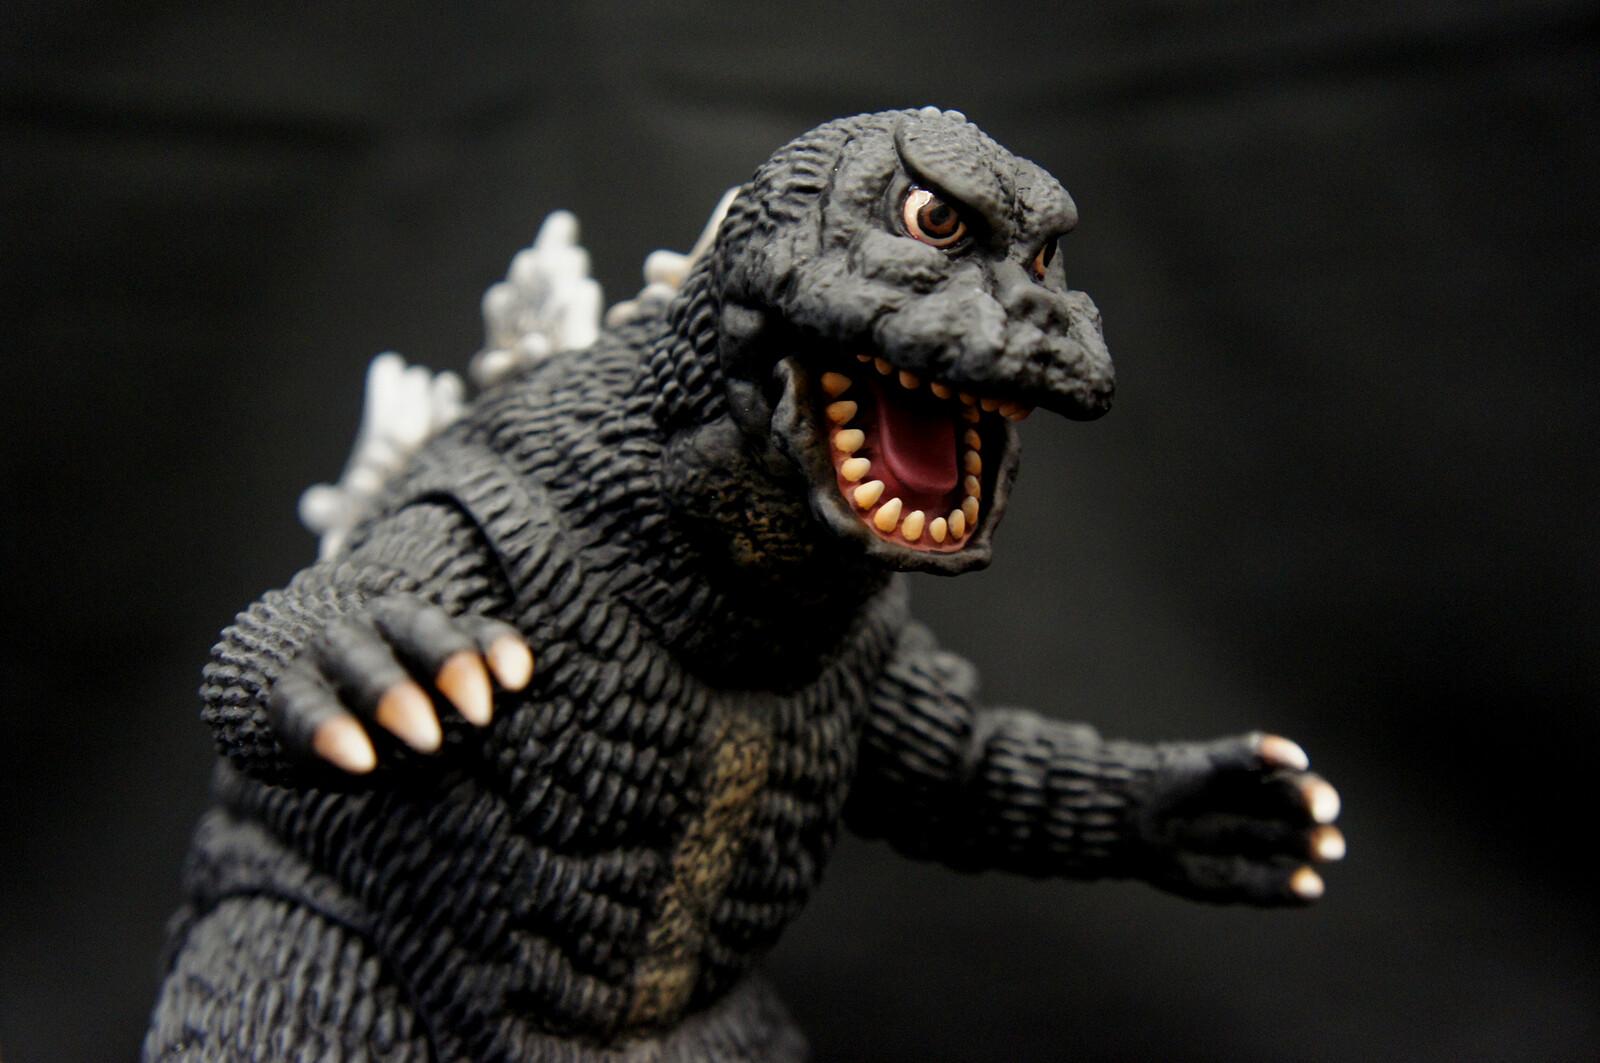 Godzilla 1966 version Art Statue https://www.solidart.club/